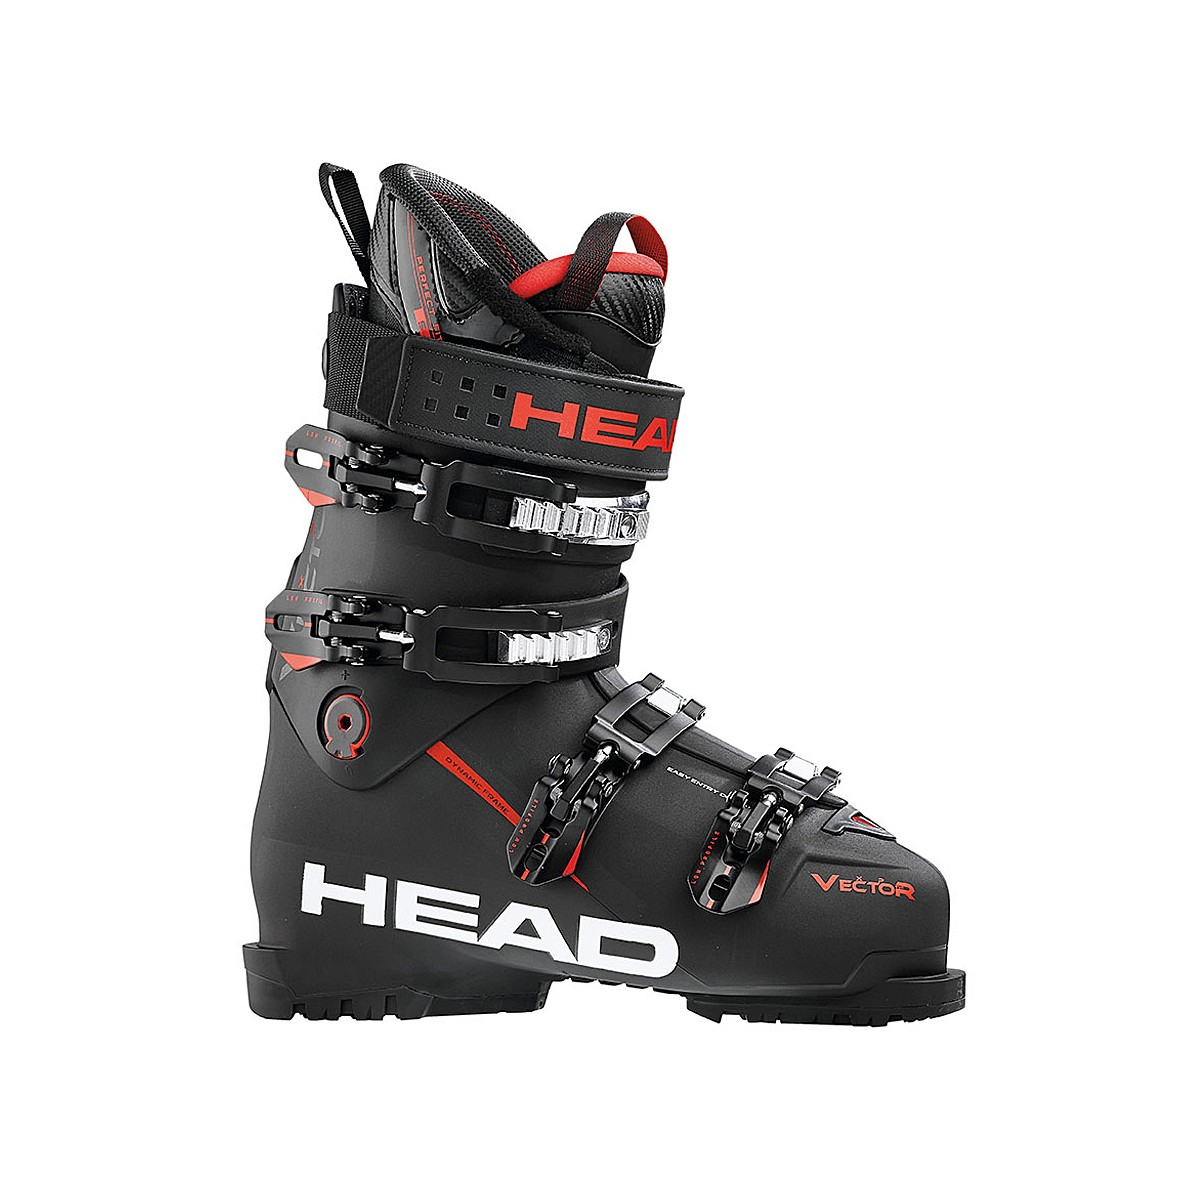 Scarponi sci Head Vector Evo Xp (Colore: nero-rosso, Taglia: 29)